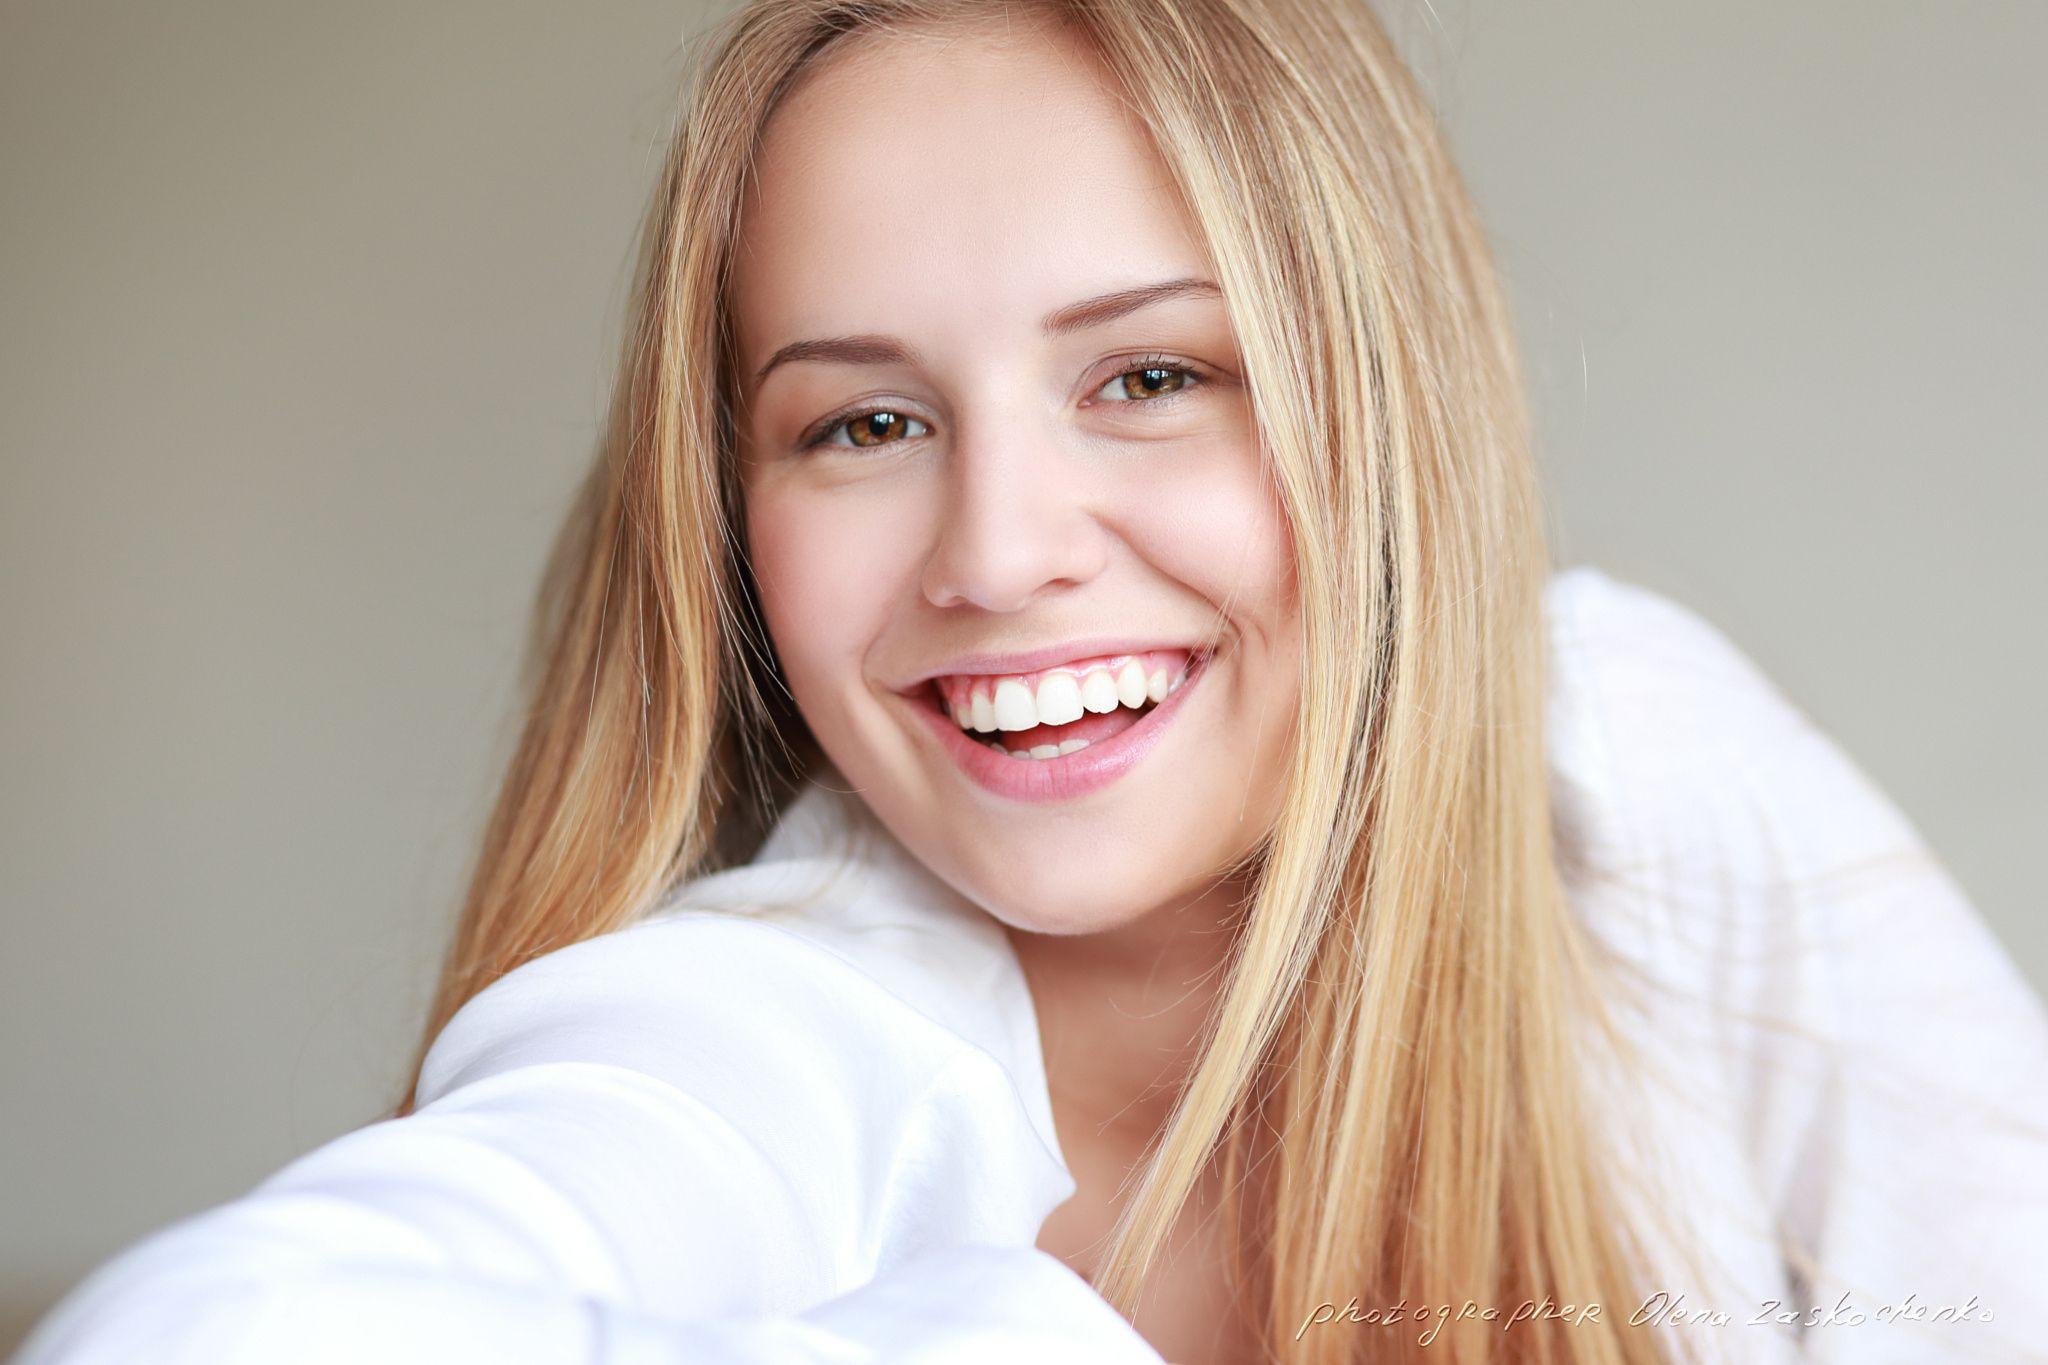 Teen Girl Smiling Headshot Of Beautiful Teen Girl Smiling With Big